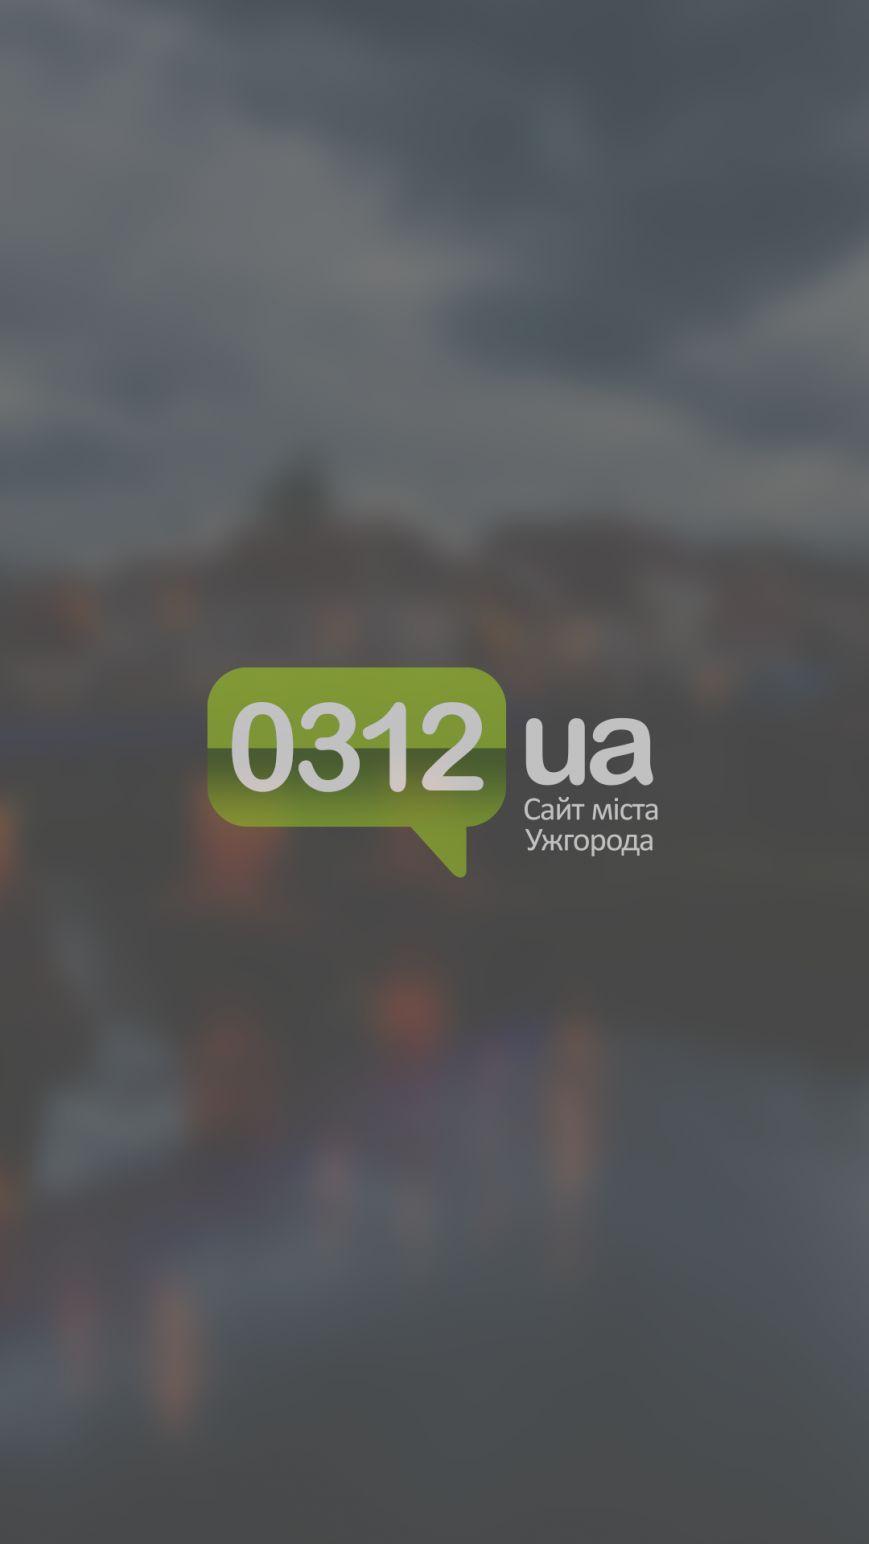 Screenshot_2017-01-23-13-47-23_ua.com.citysites.uzhgorod